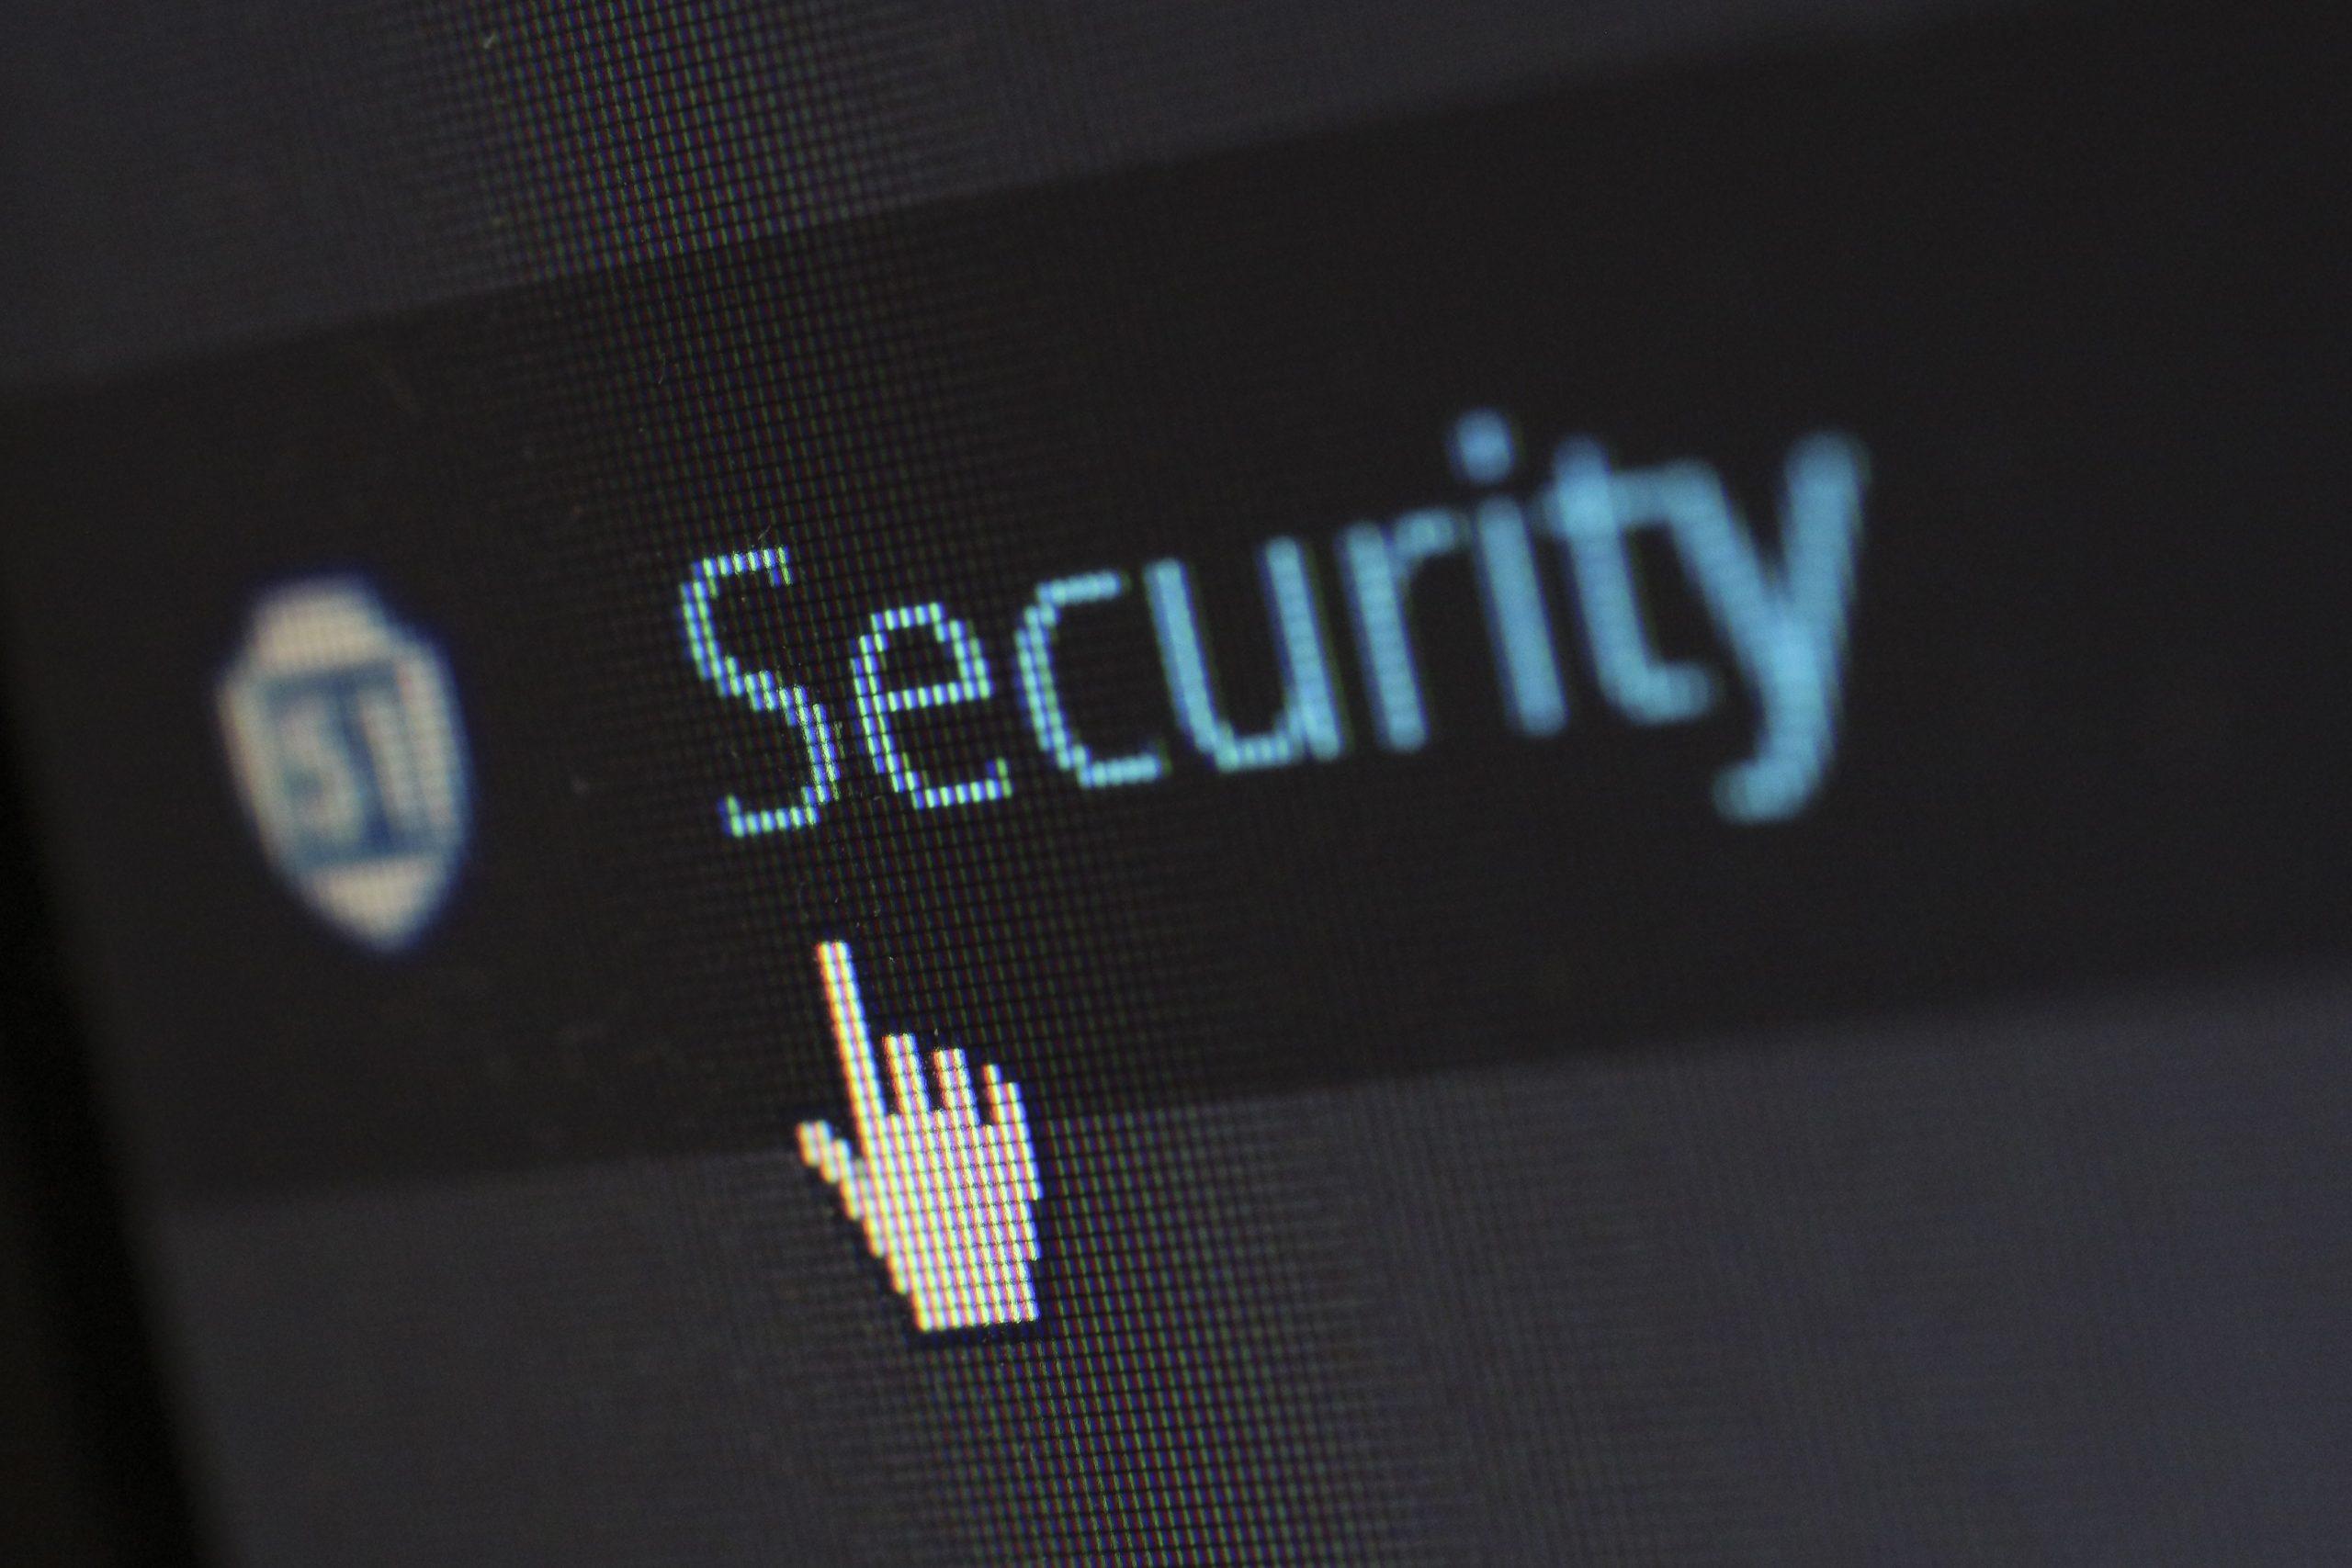 Visa anuncia novas soluções de segurança digital para combater fraudes no PIX